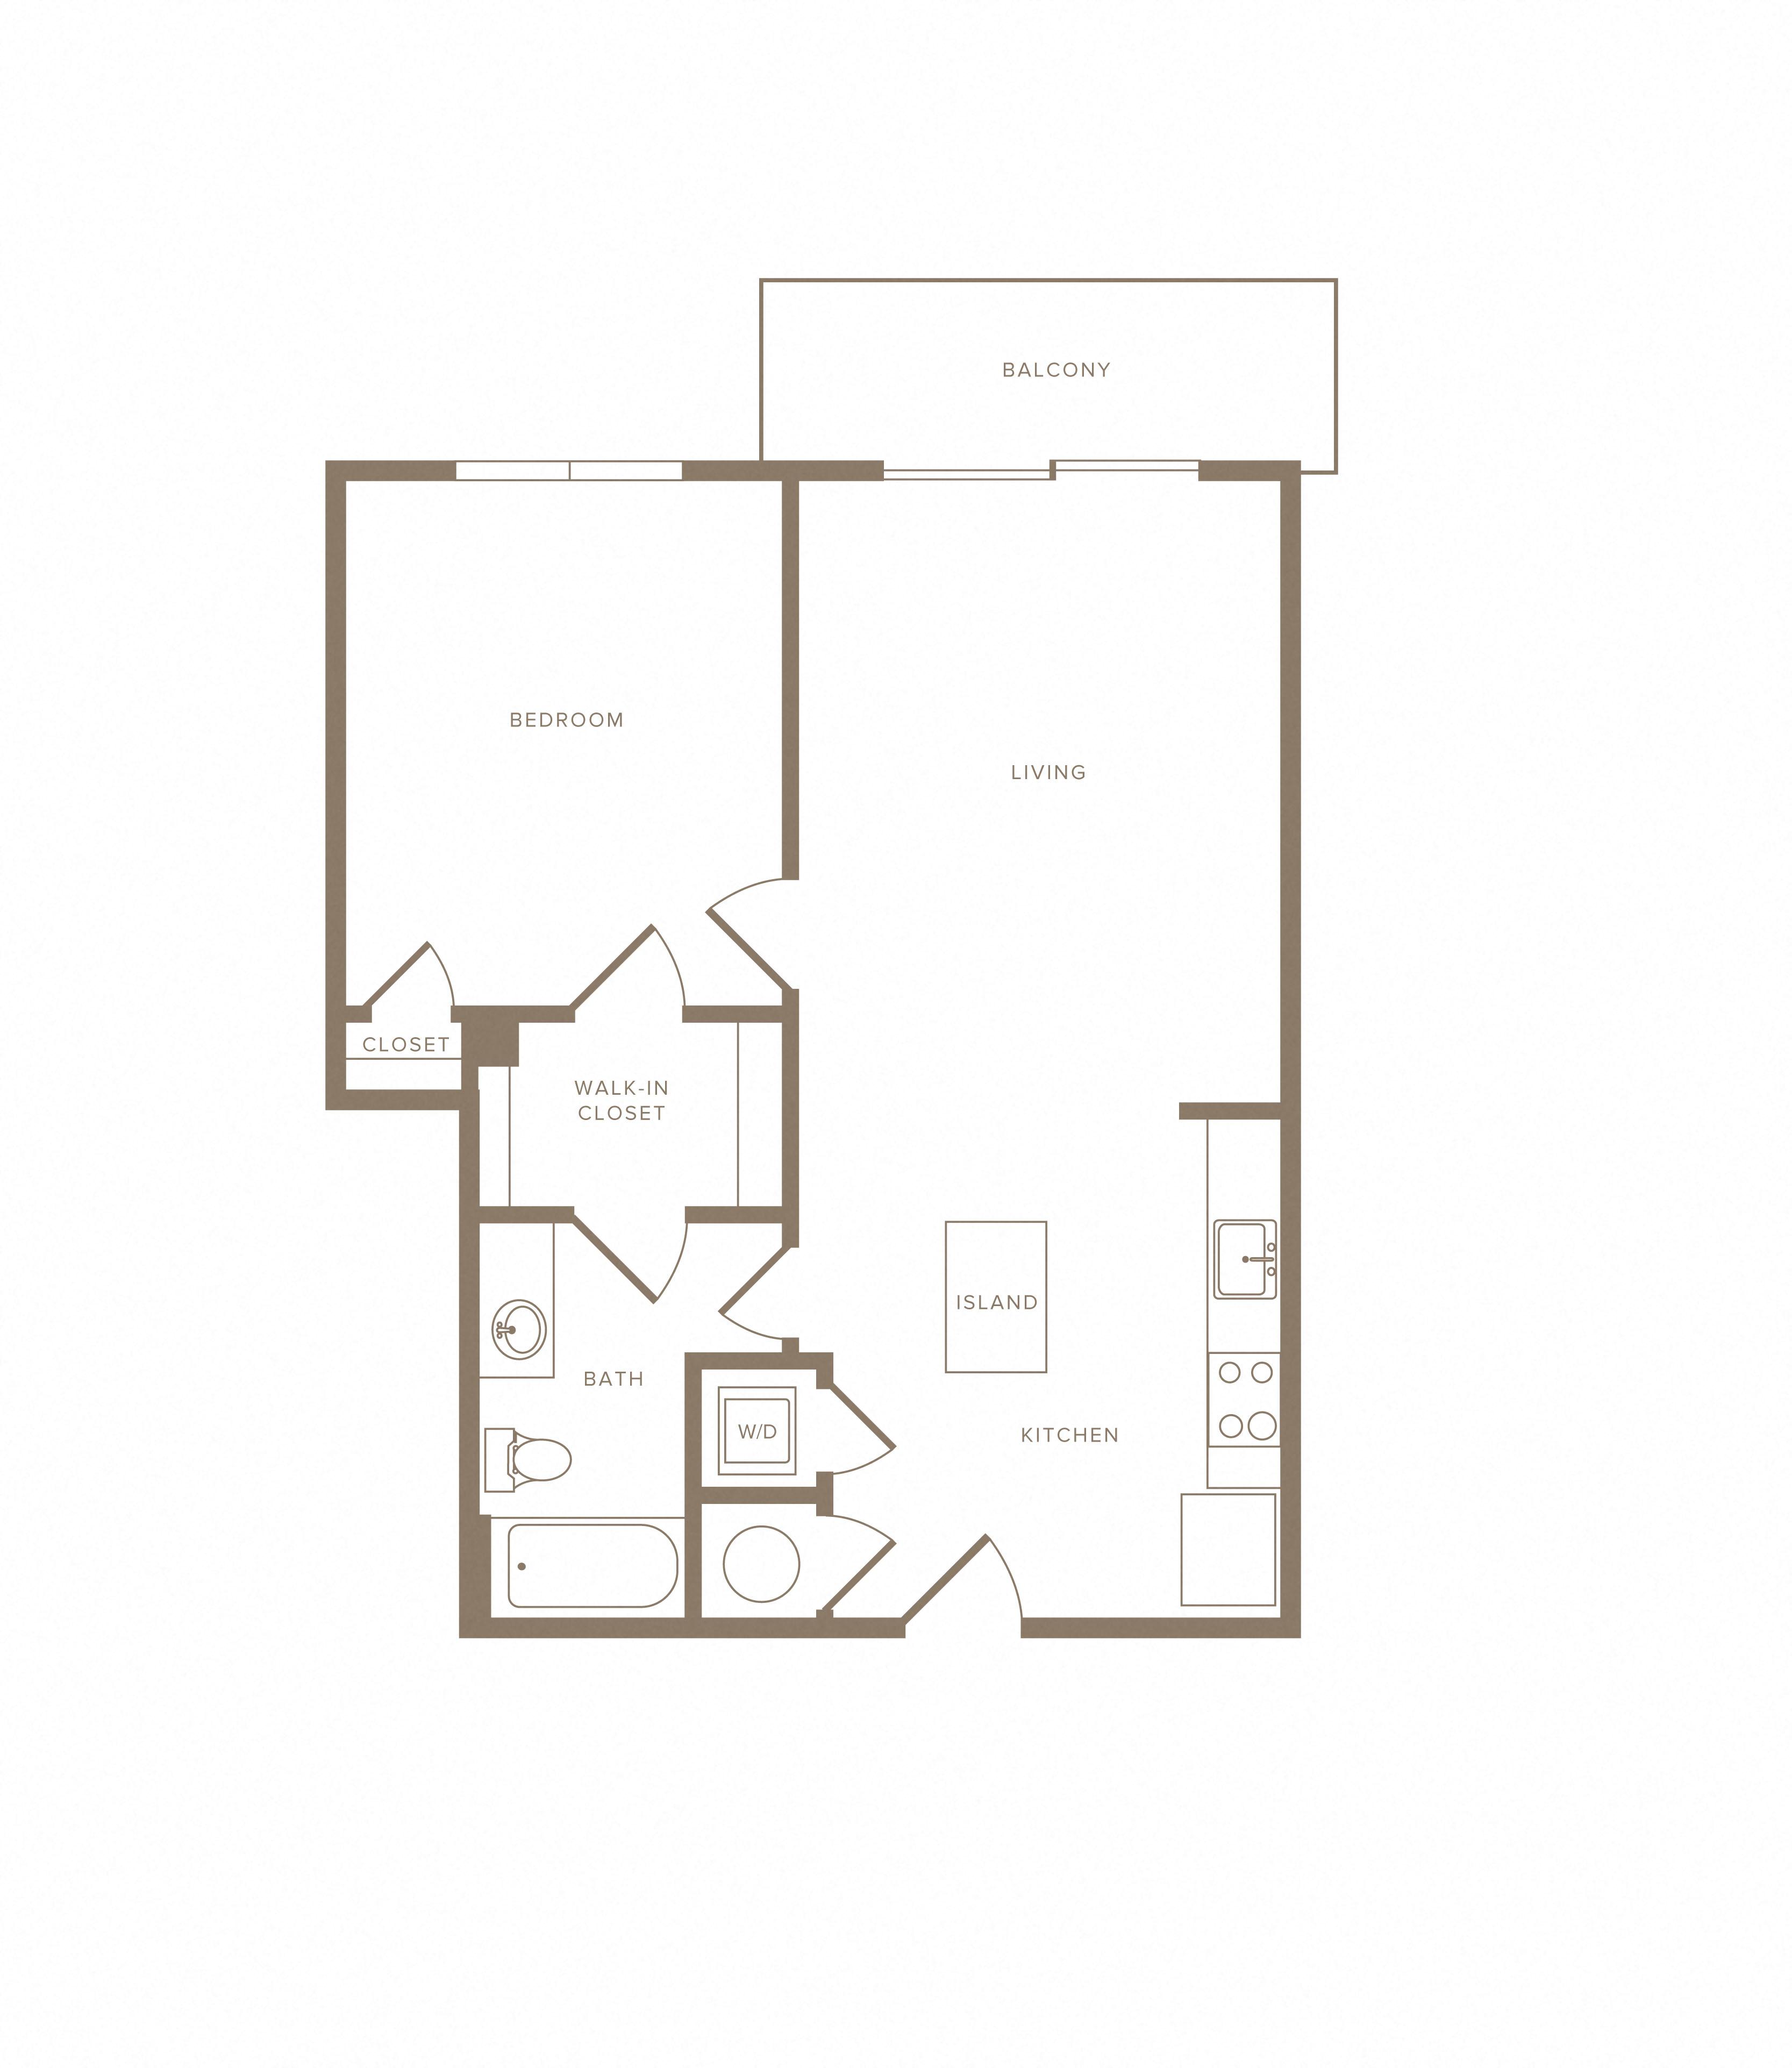 Apartment C-304 floorplan